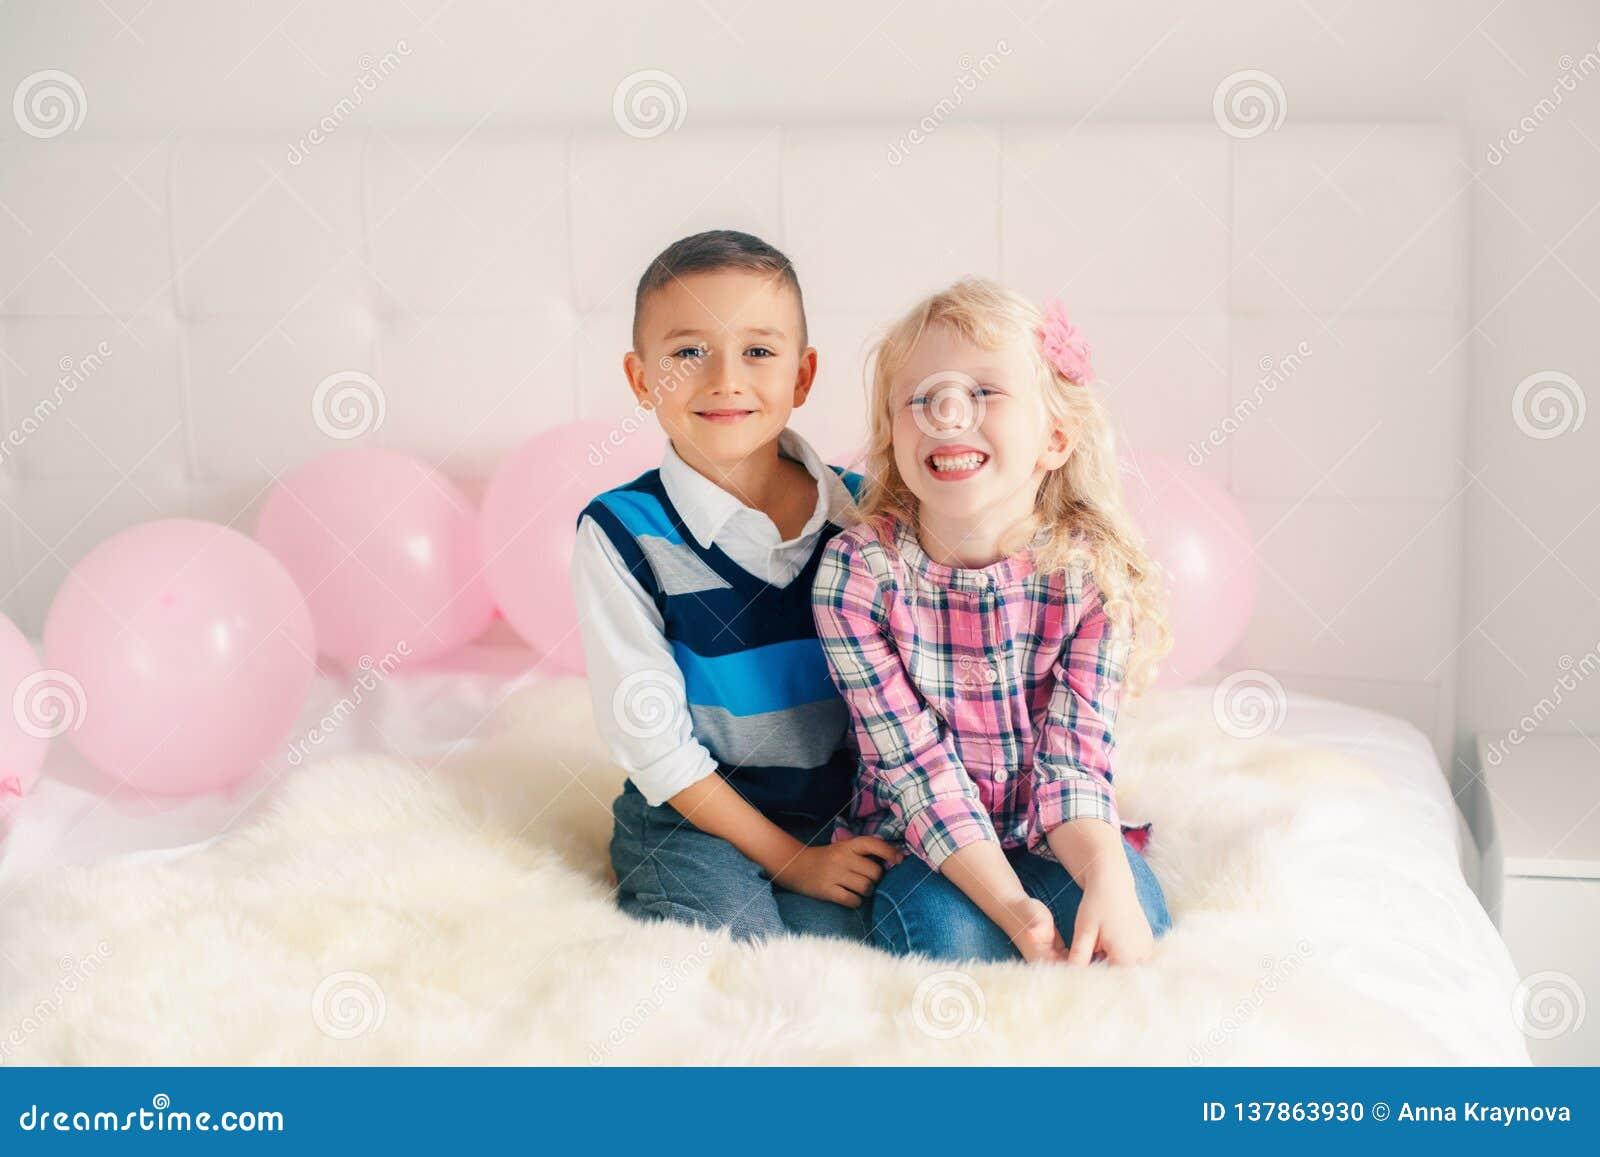 Crianças engraçadas adoráveis bonitos caucasianos brancas surpreendidas de sorriso felizes